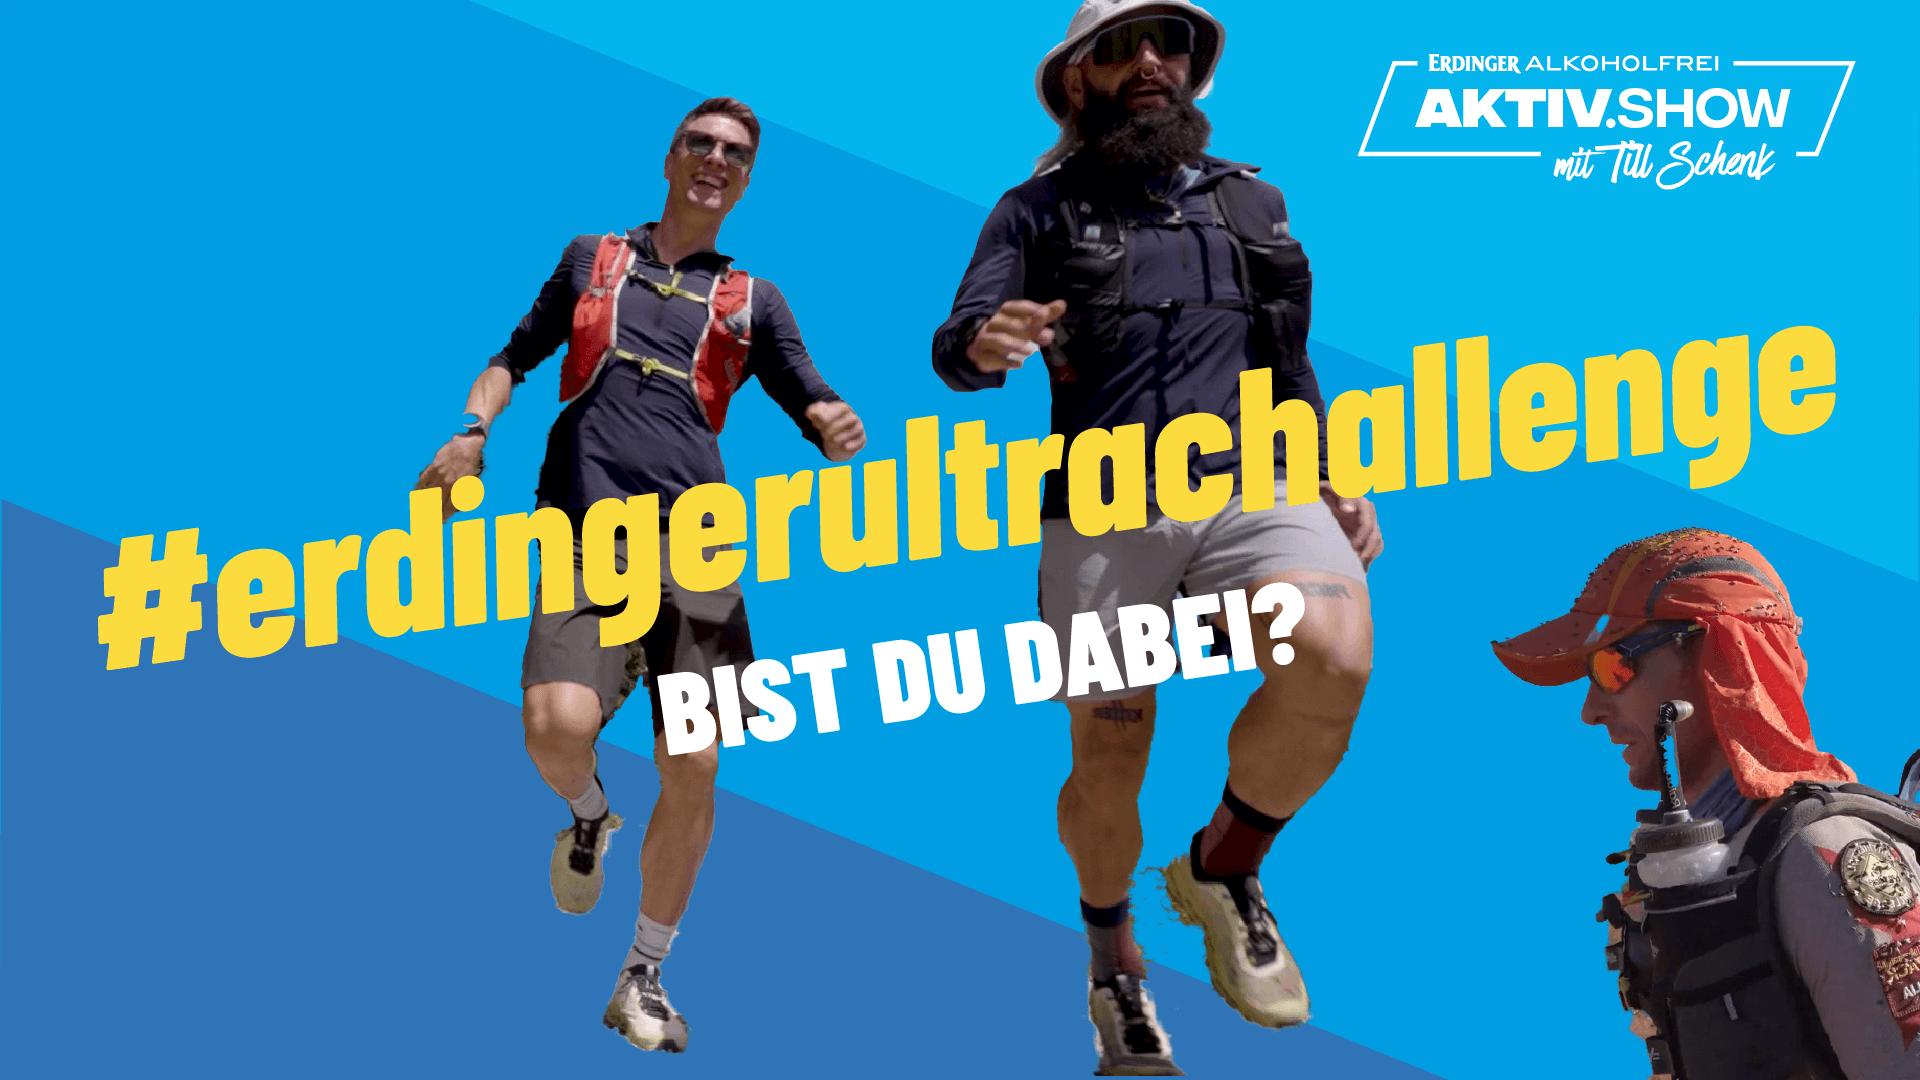 #erdingerultrachallenge, Extremläufer Sascha Gramm, Trailrunning, Freiwasserschwimmen | Aktiv.Show